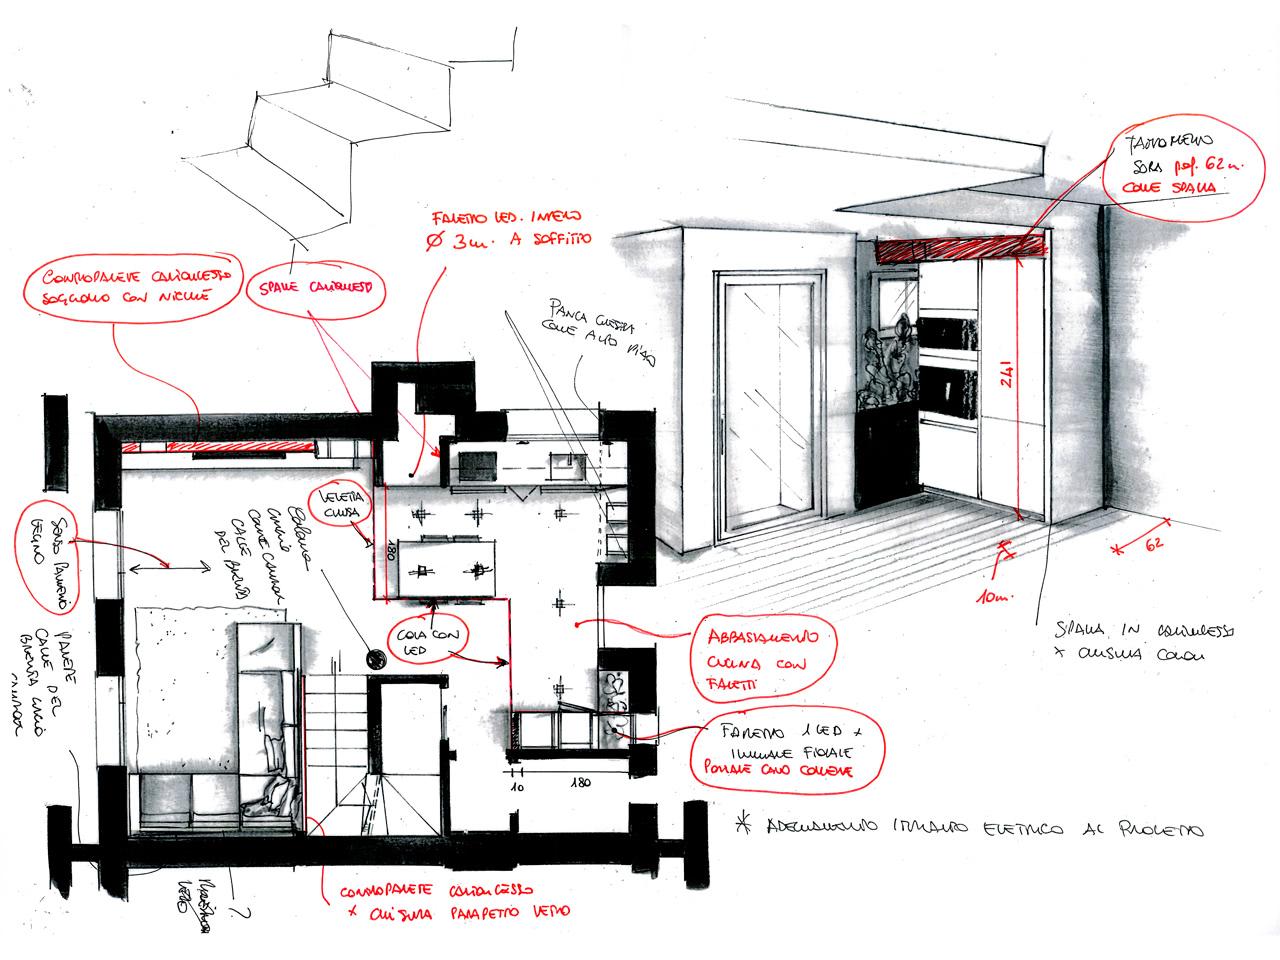 didone-costruzioni-metodologia-chiavi-in-mano-04